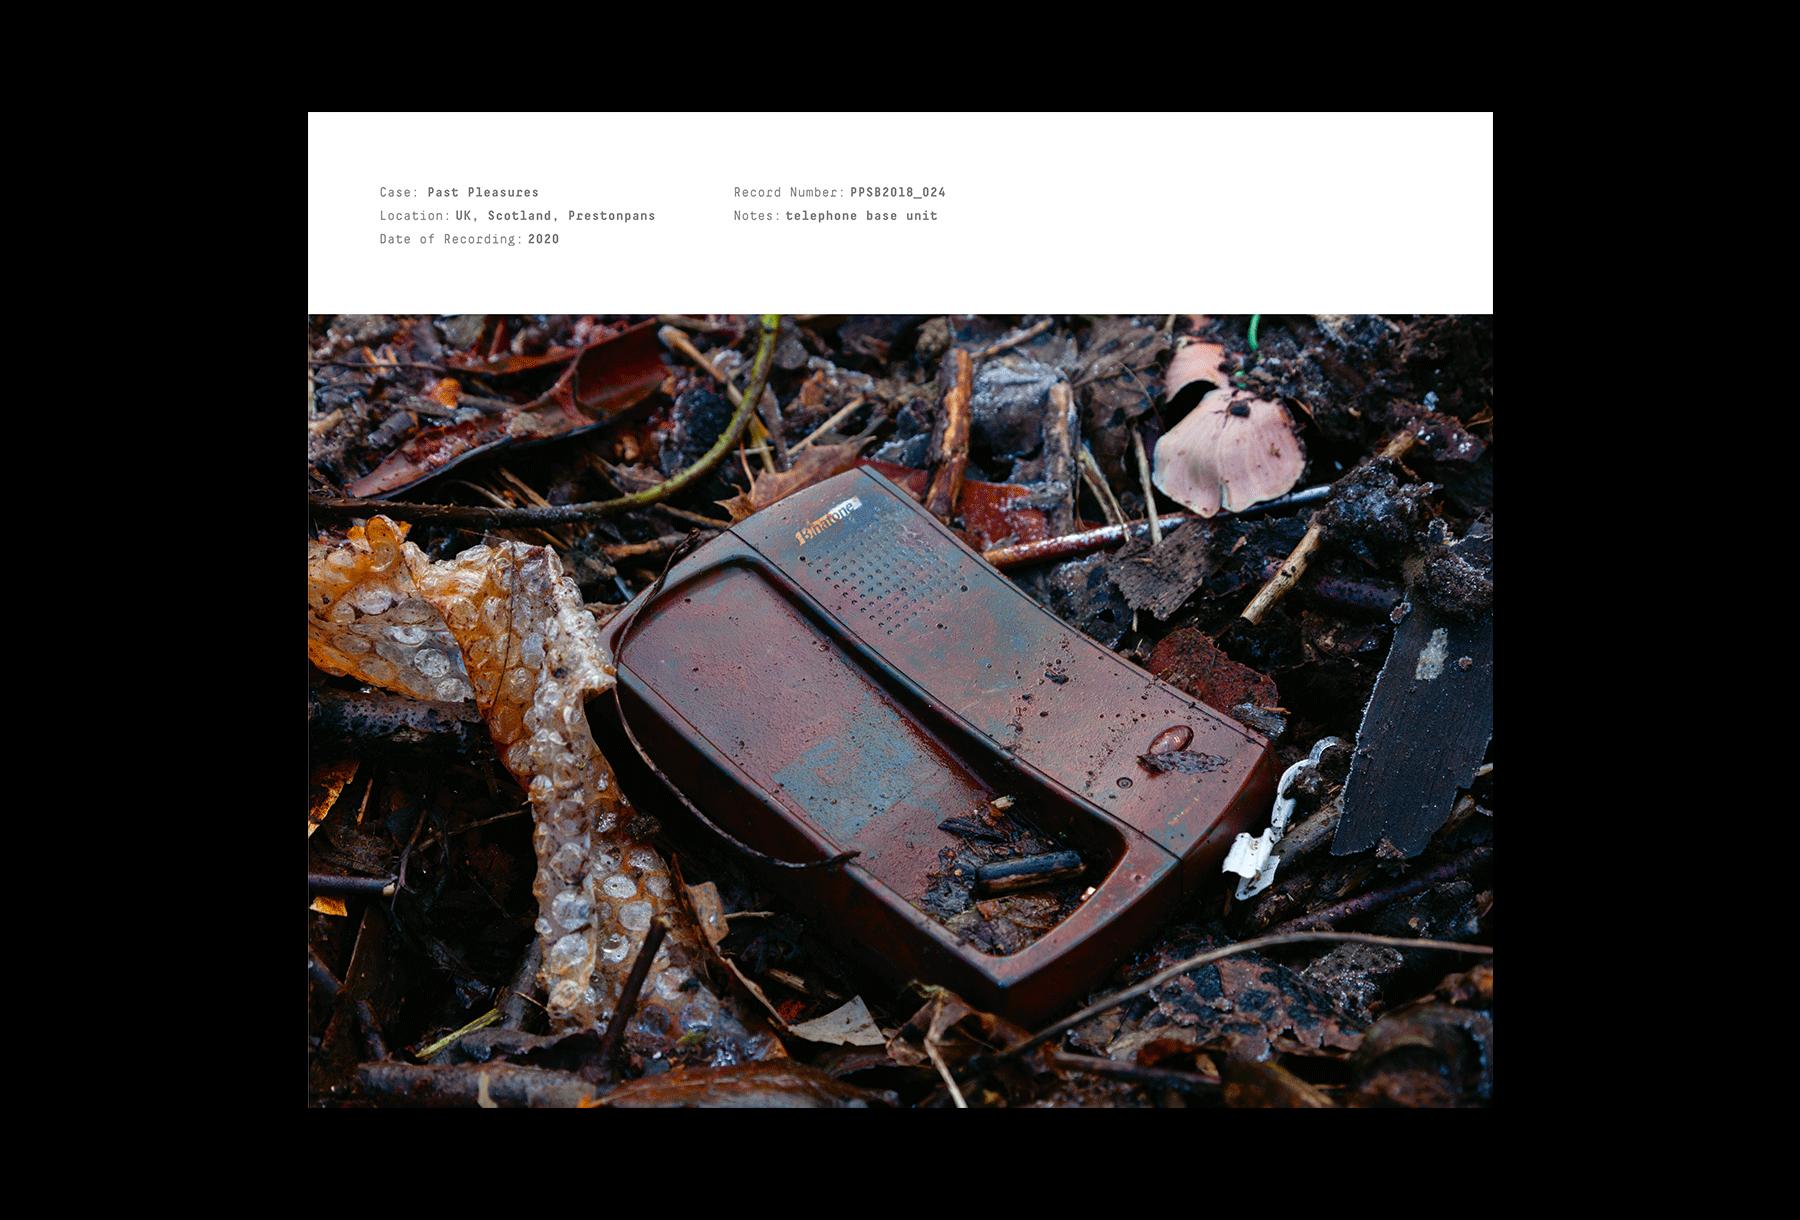 Telephone unit in mud